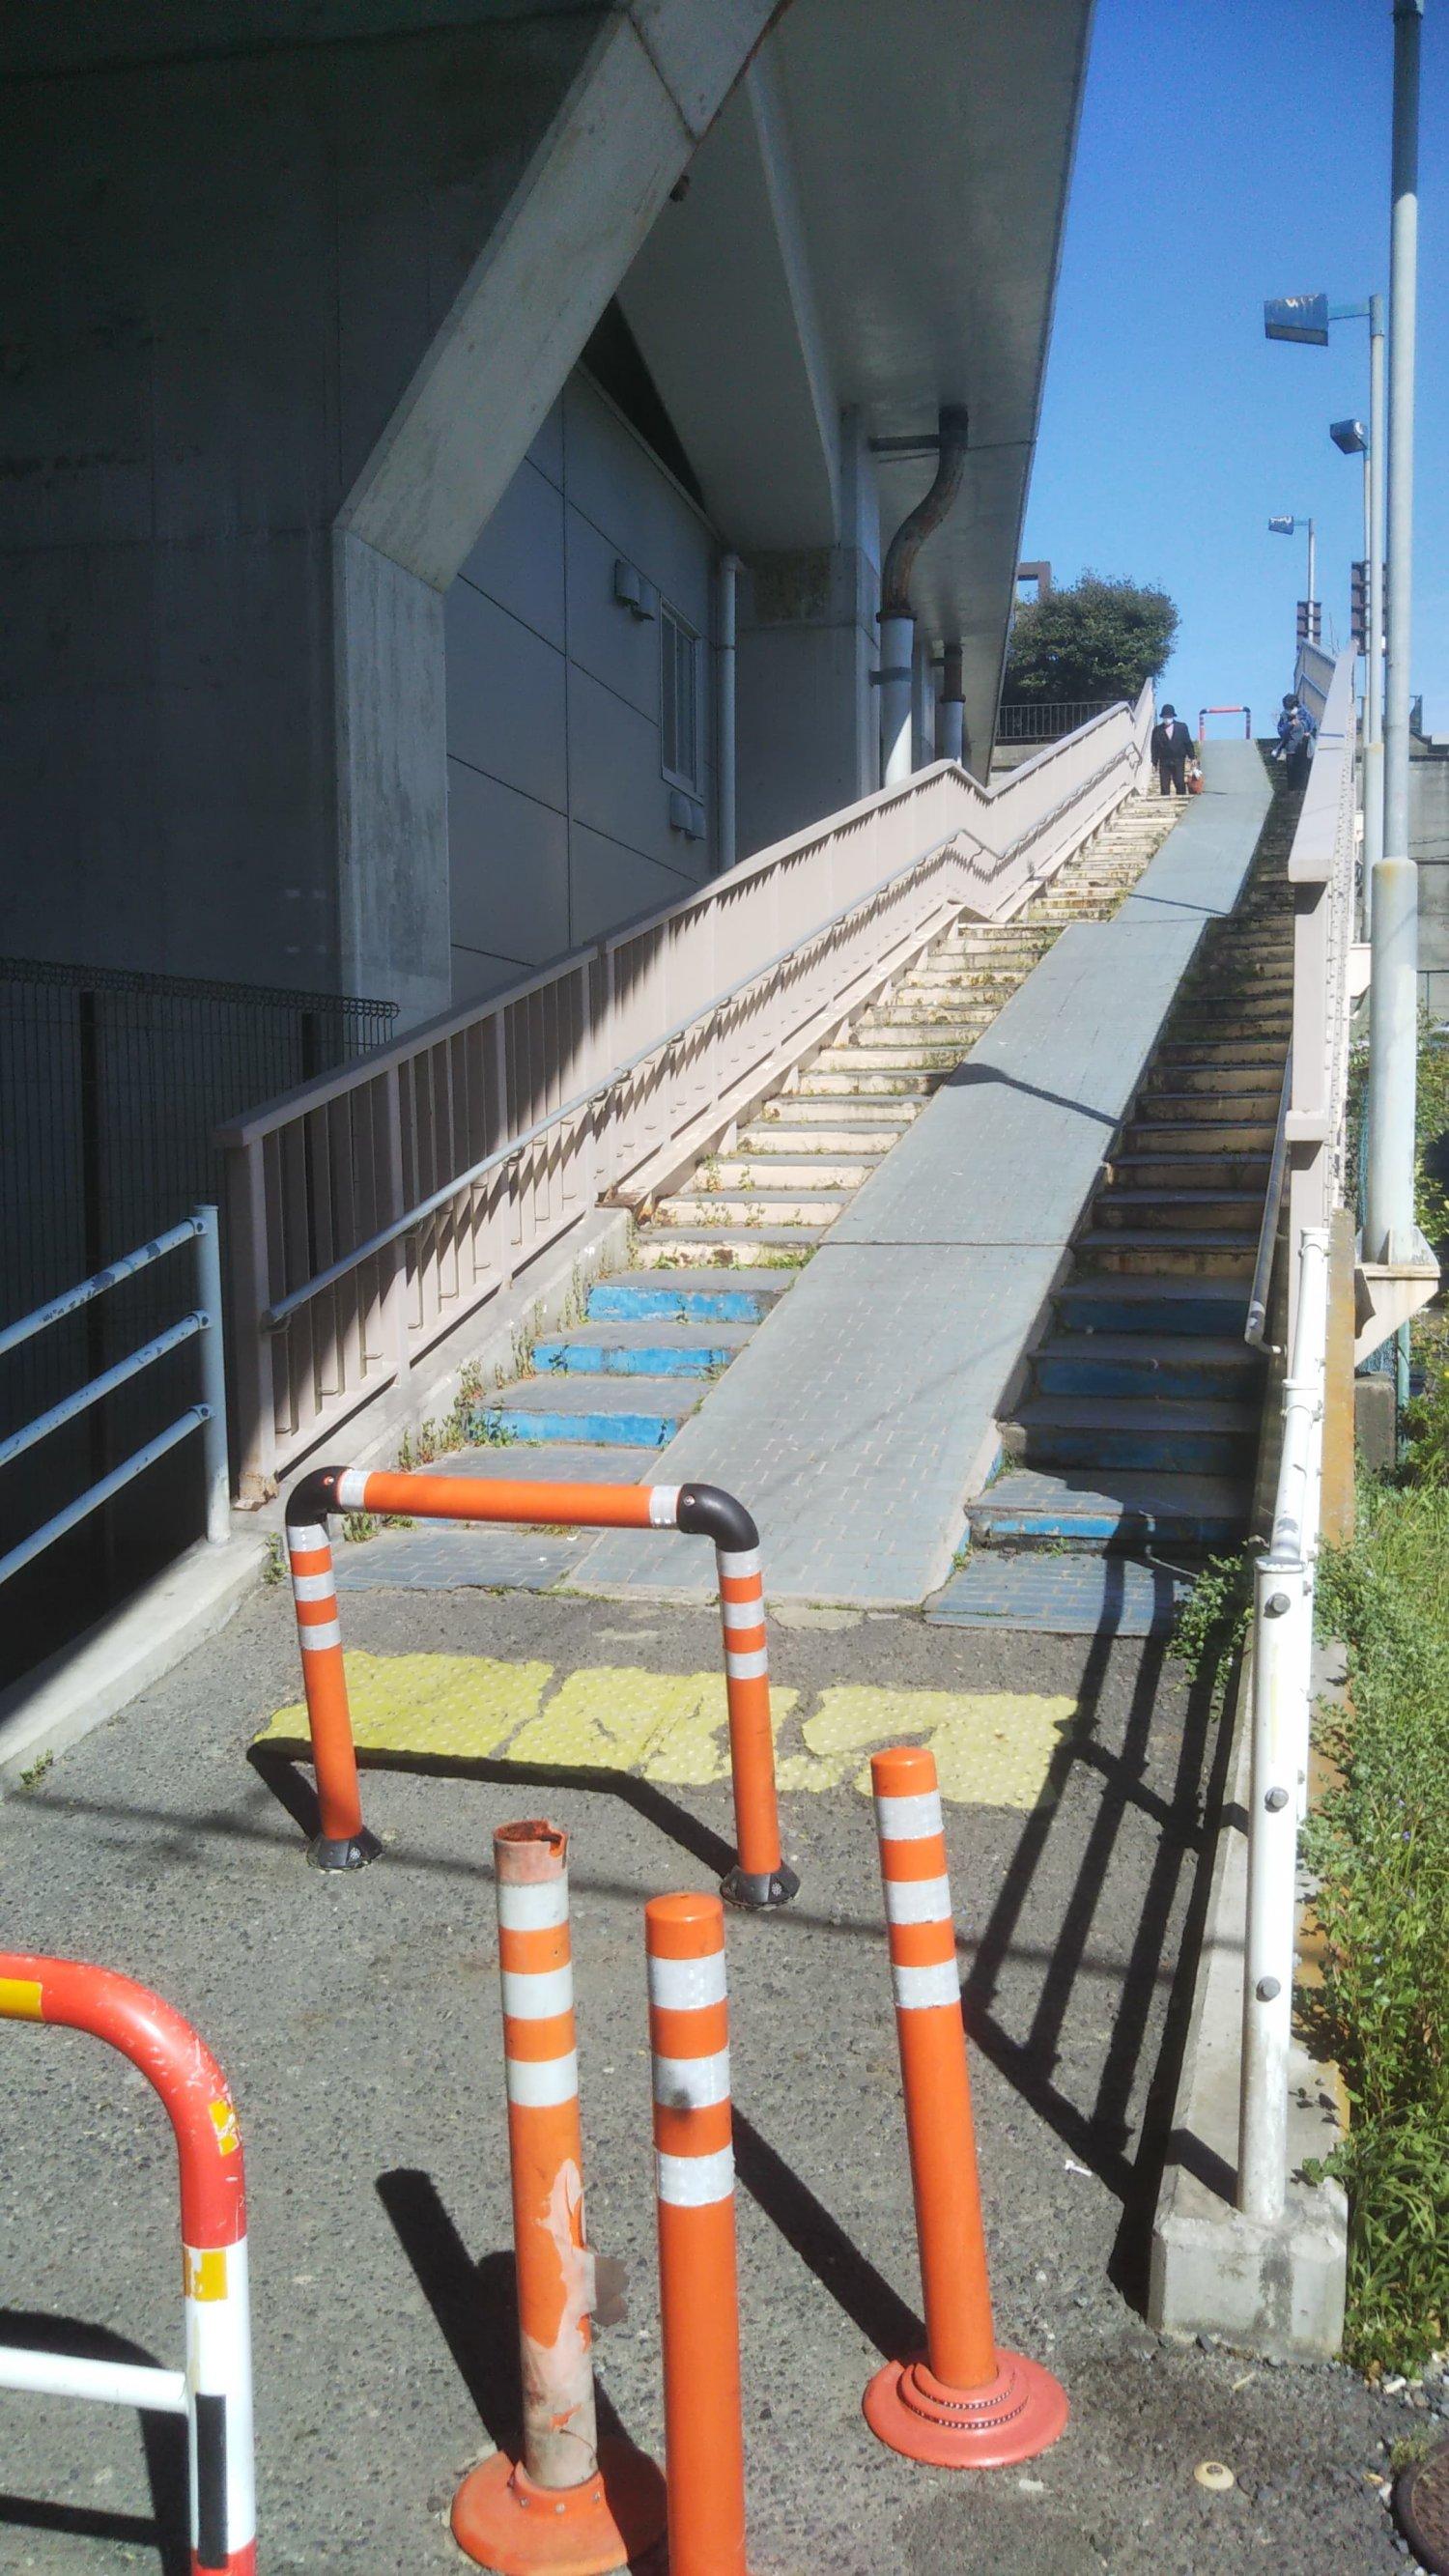 水戸街道は新葛飾橋脇の江戸川土手へ上る階段。作品には登場してないが、寅さんもきっと利用していたハズ。